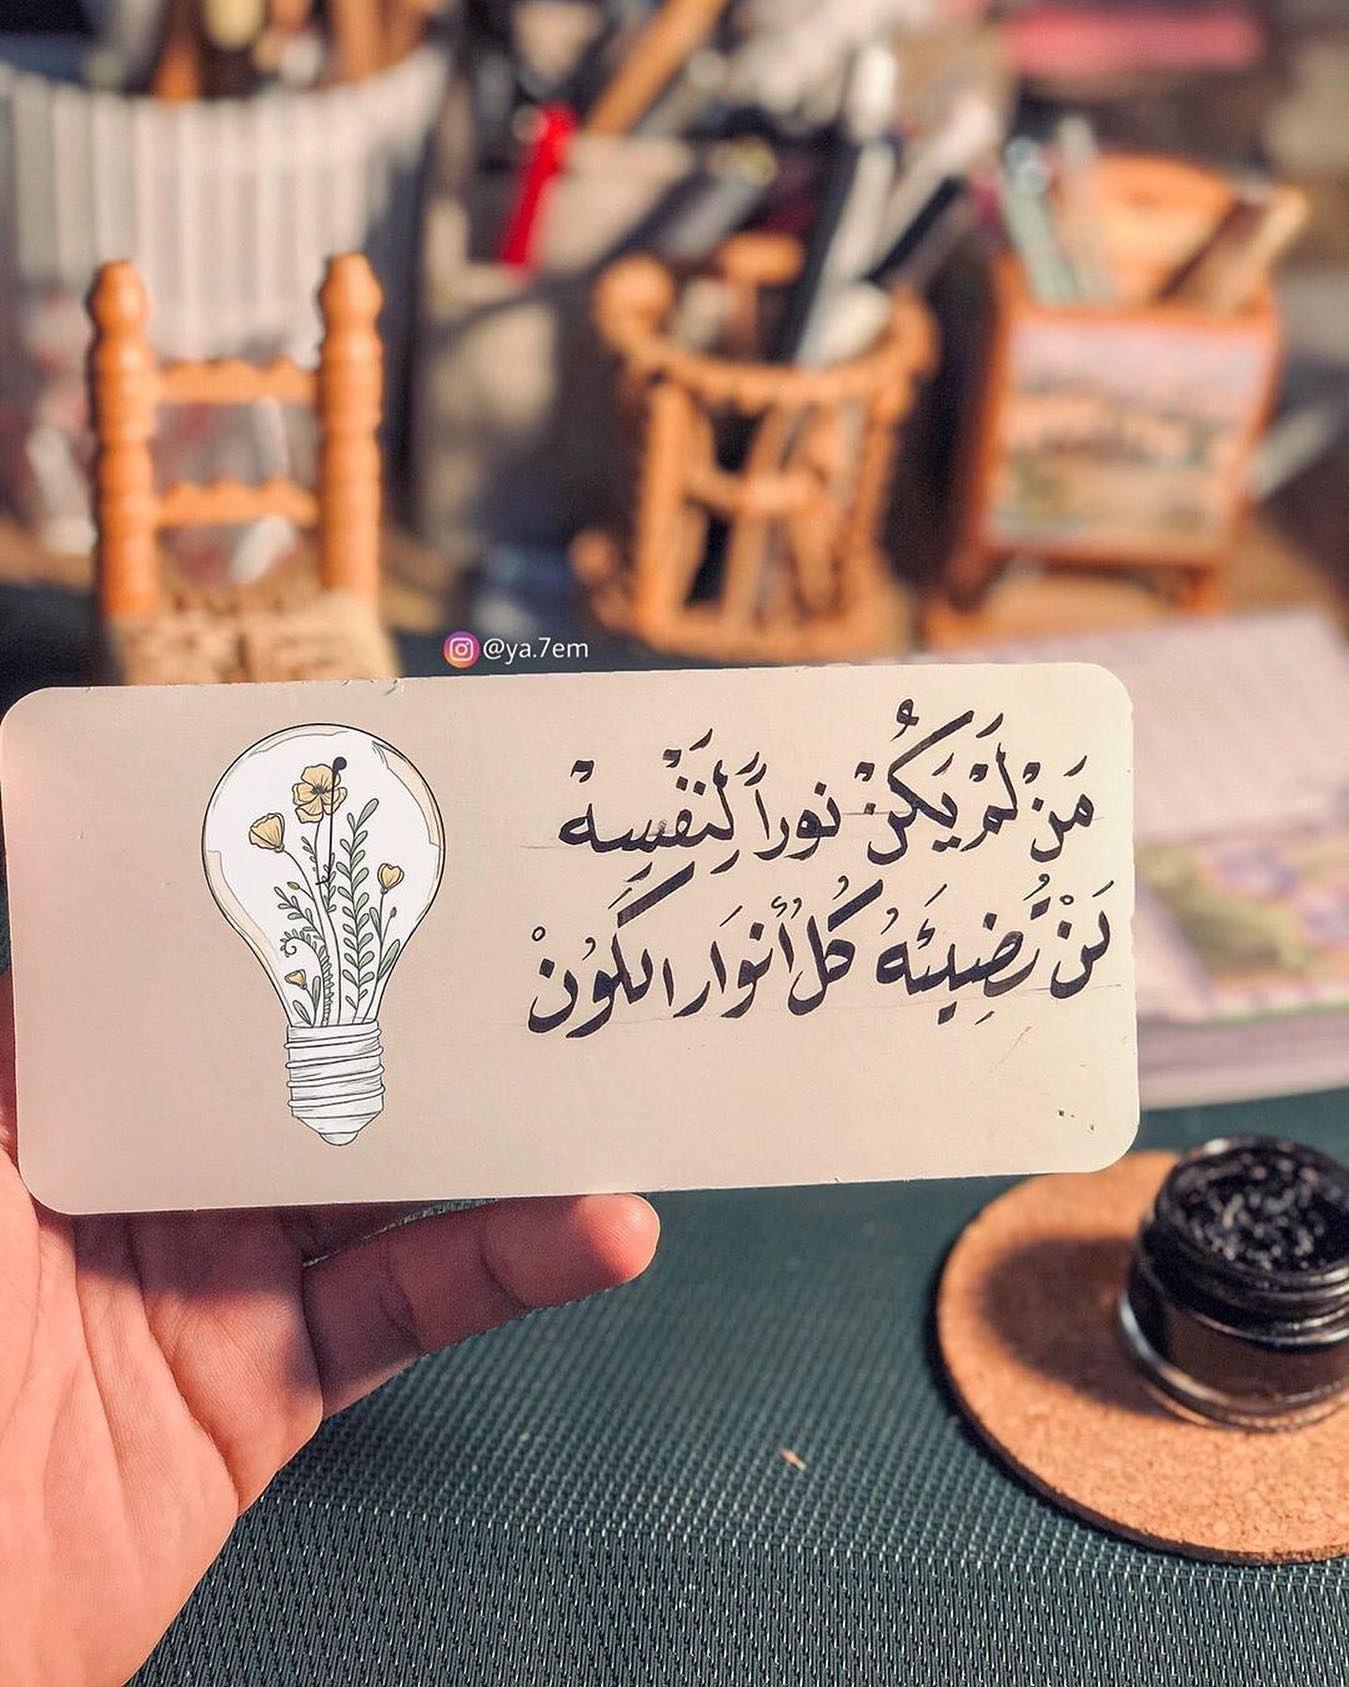 العبرة أعتمد على نفسك وأسعد نفسك بنفسك Quotes For Book Lovers Words Quotes Arabic Quotes